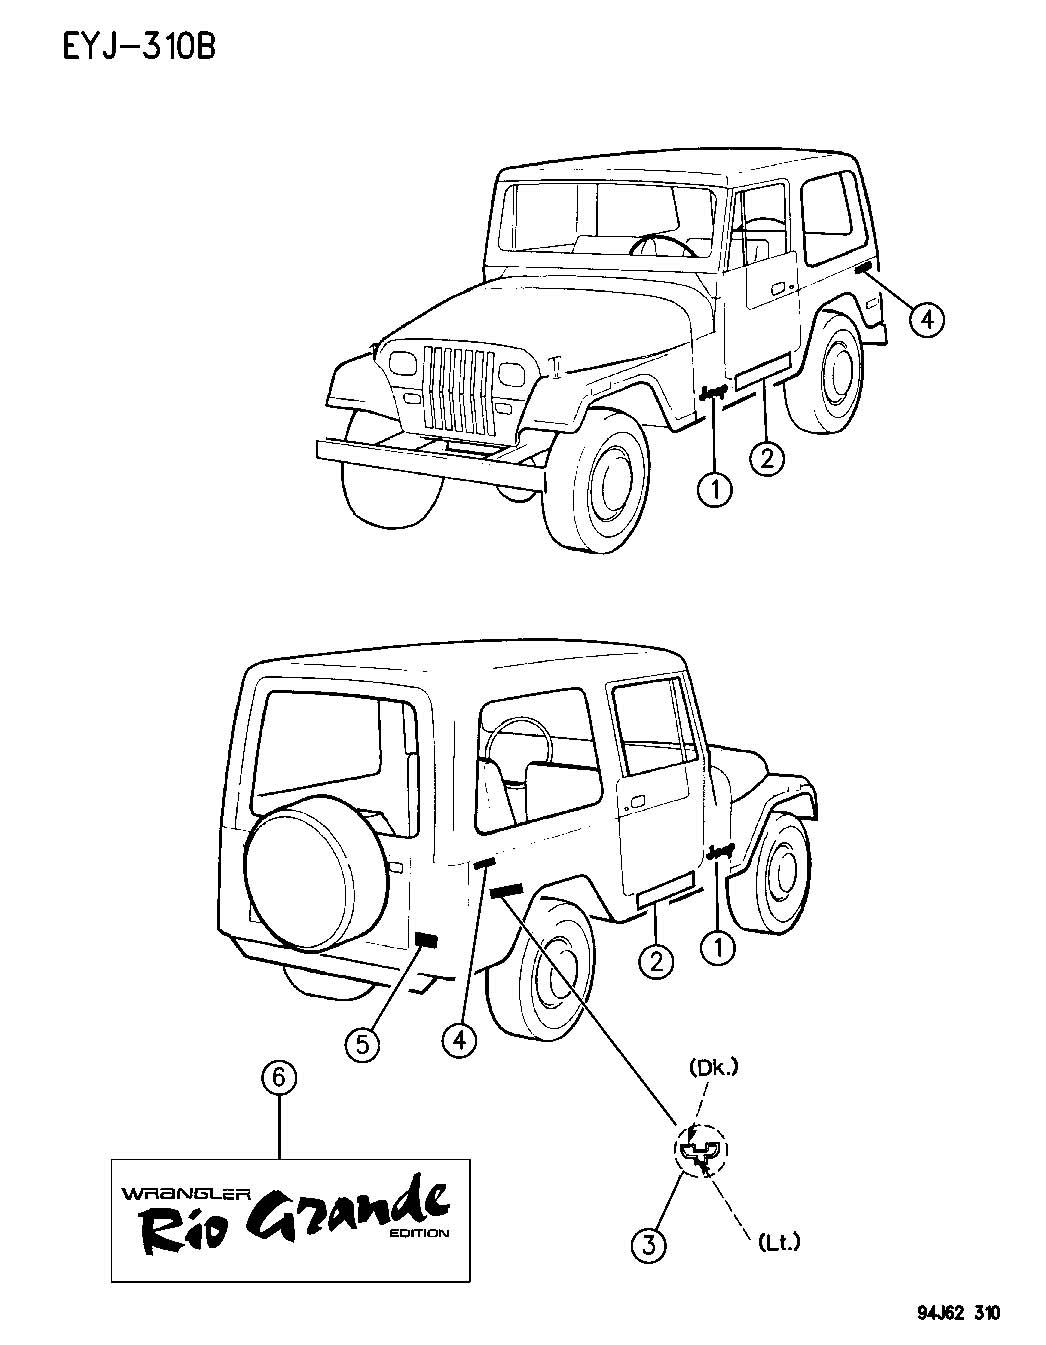 Jeep Wrangler Decal Rio Grande